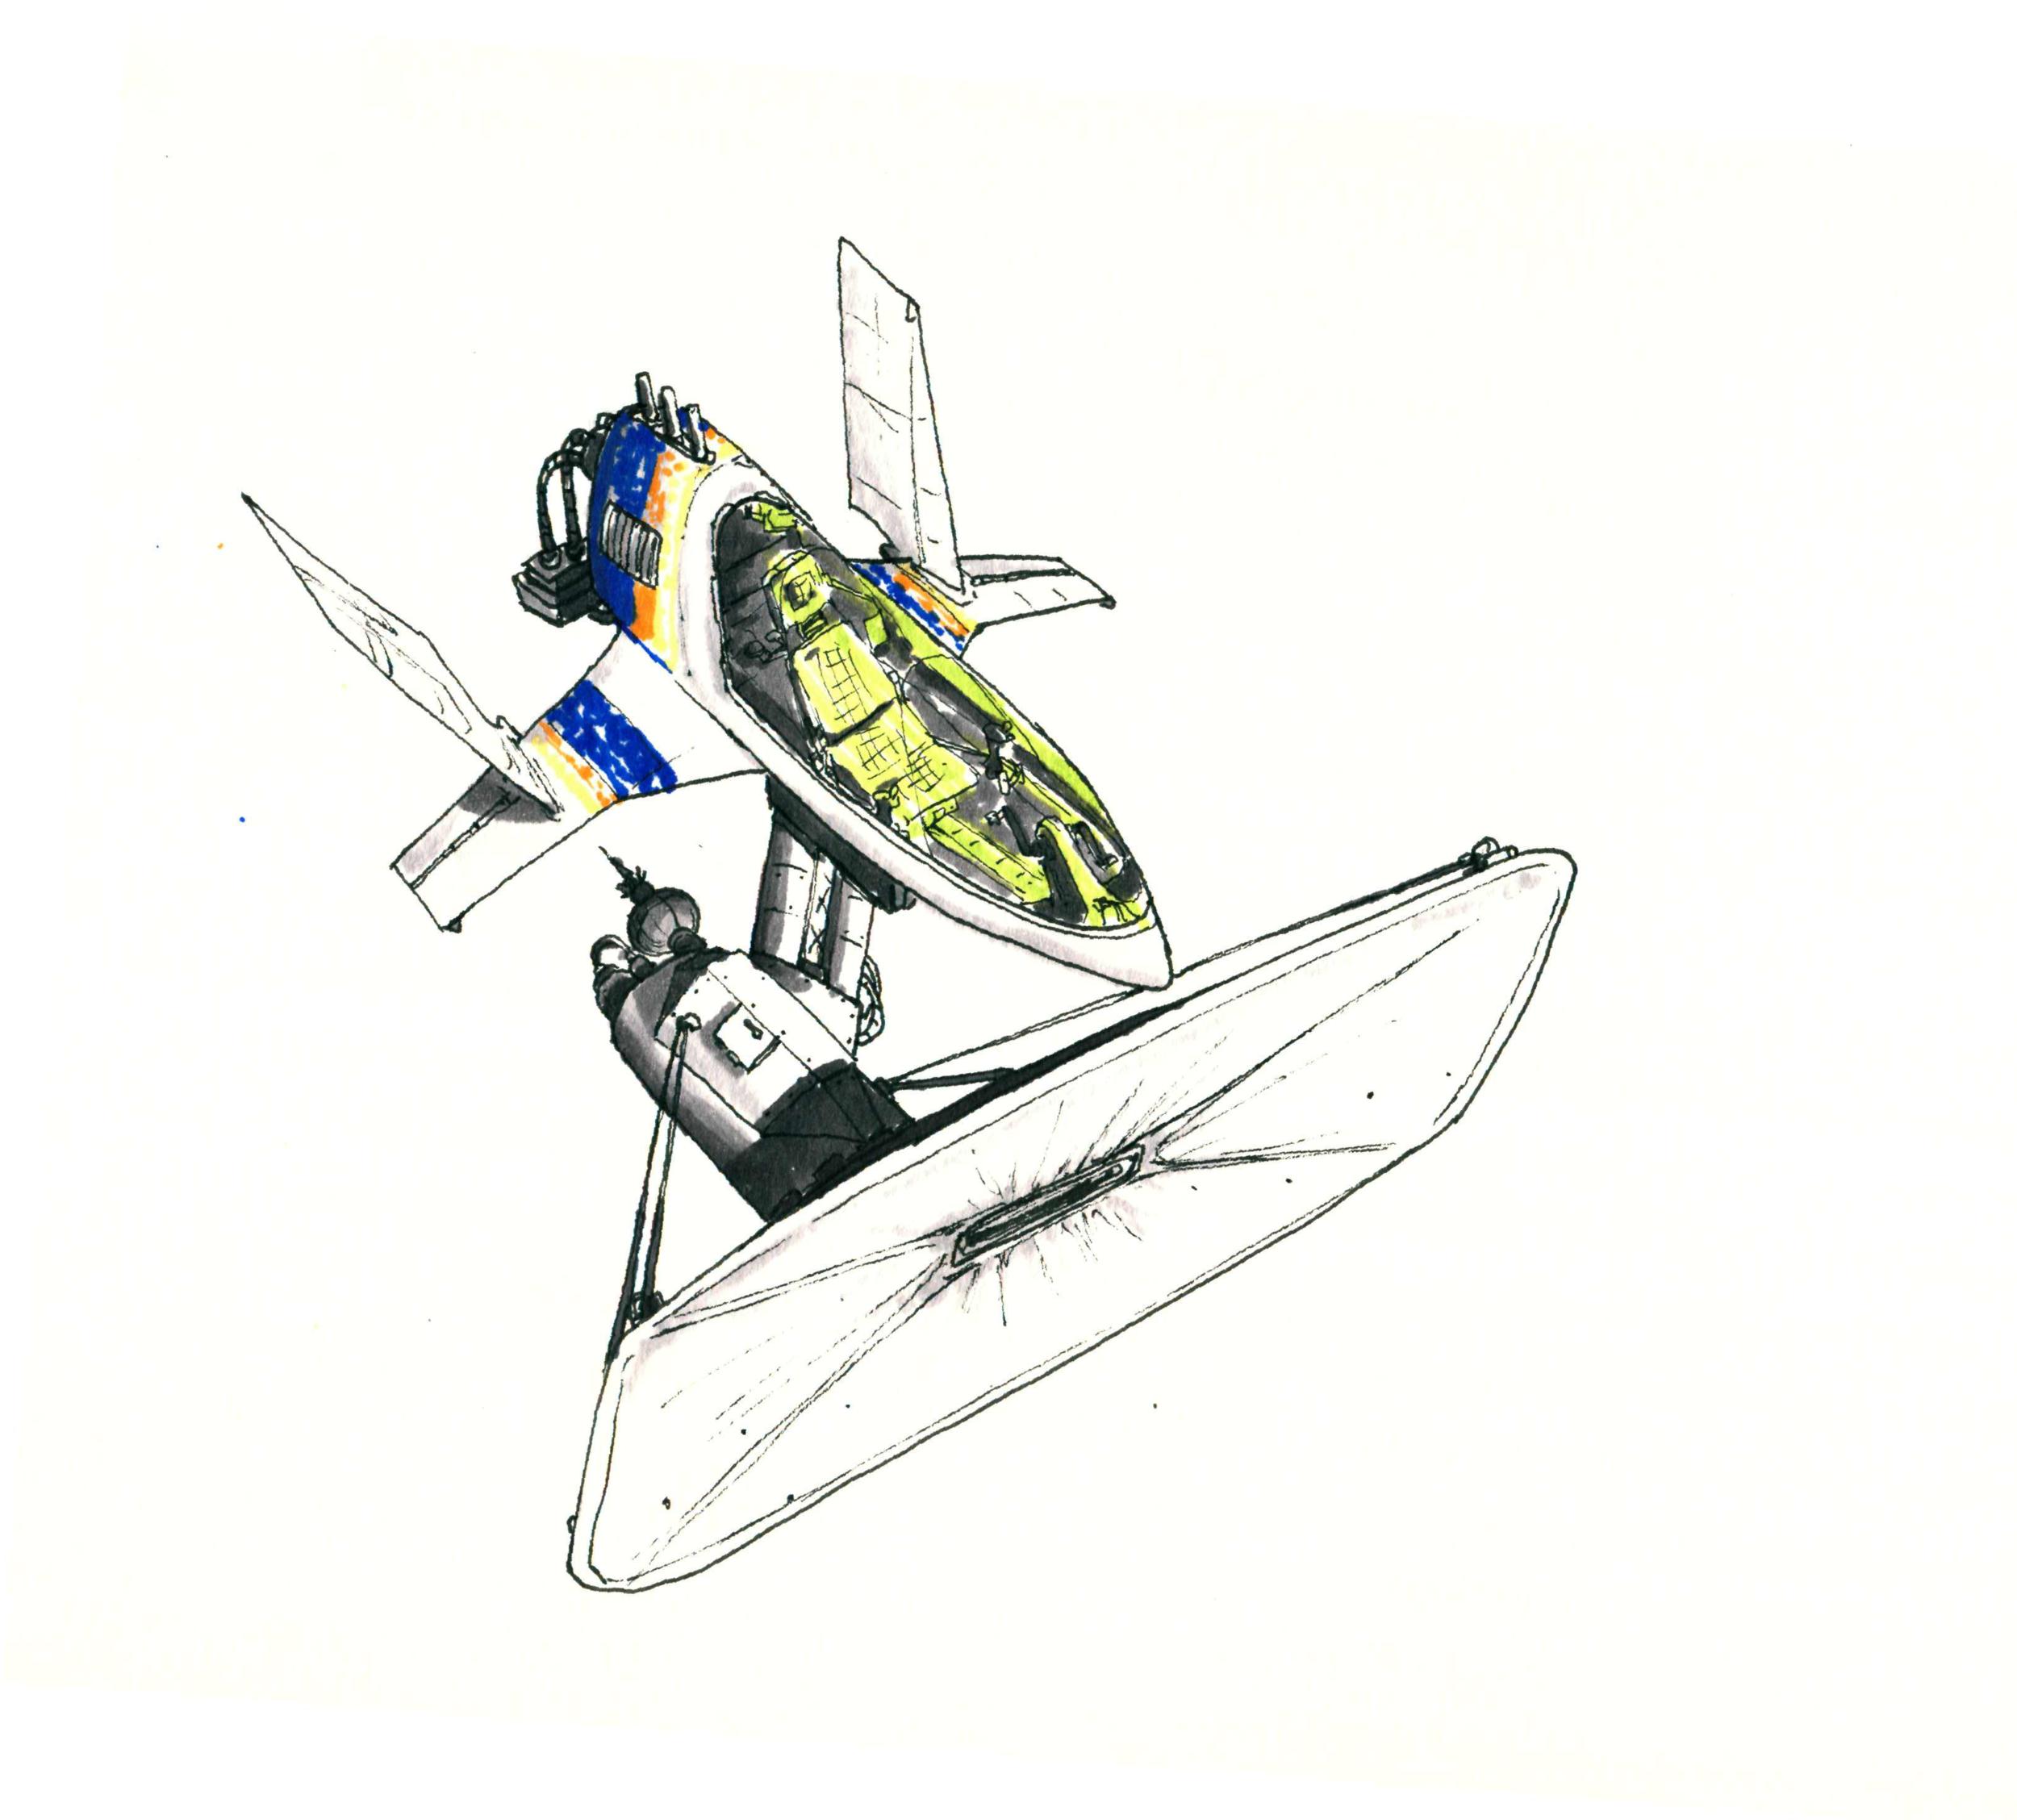 spaceship_8_9_2017_web_image.png